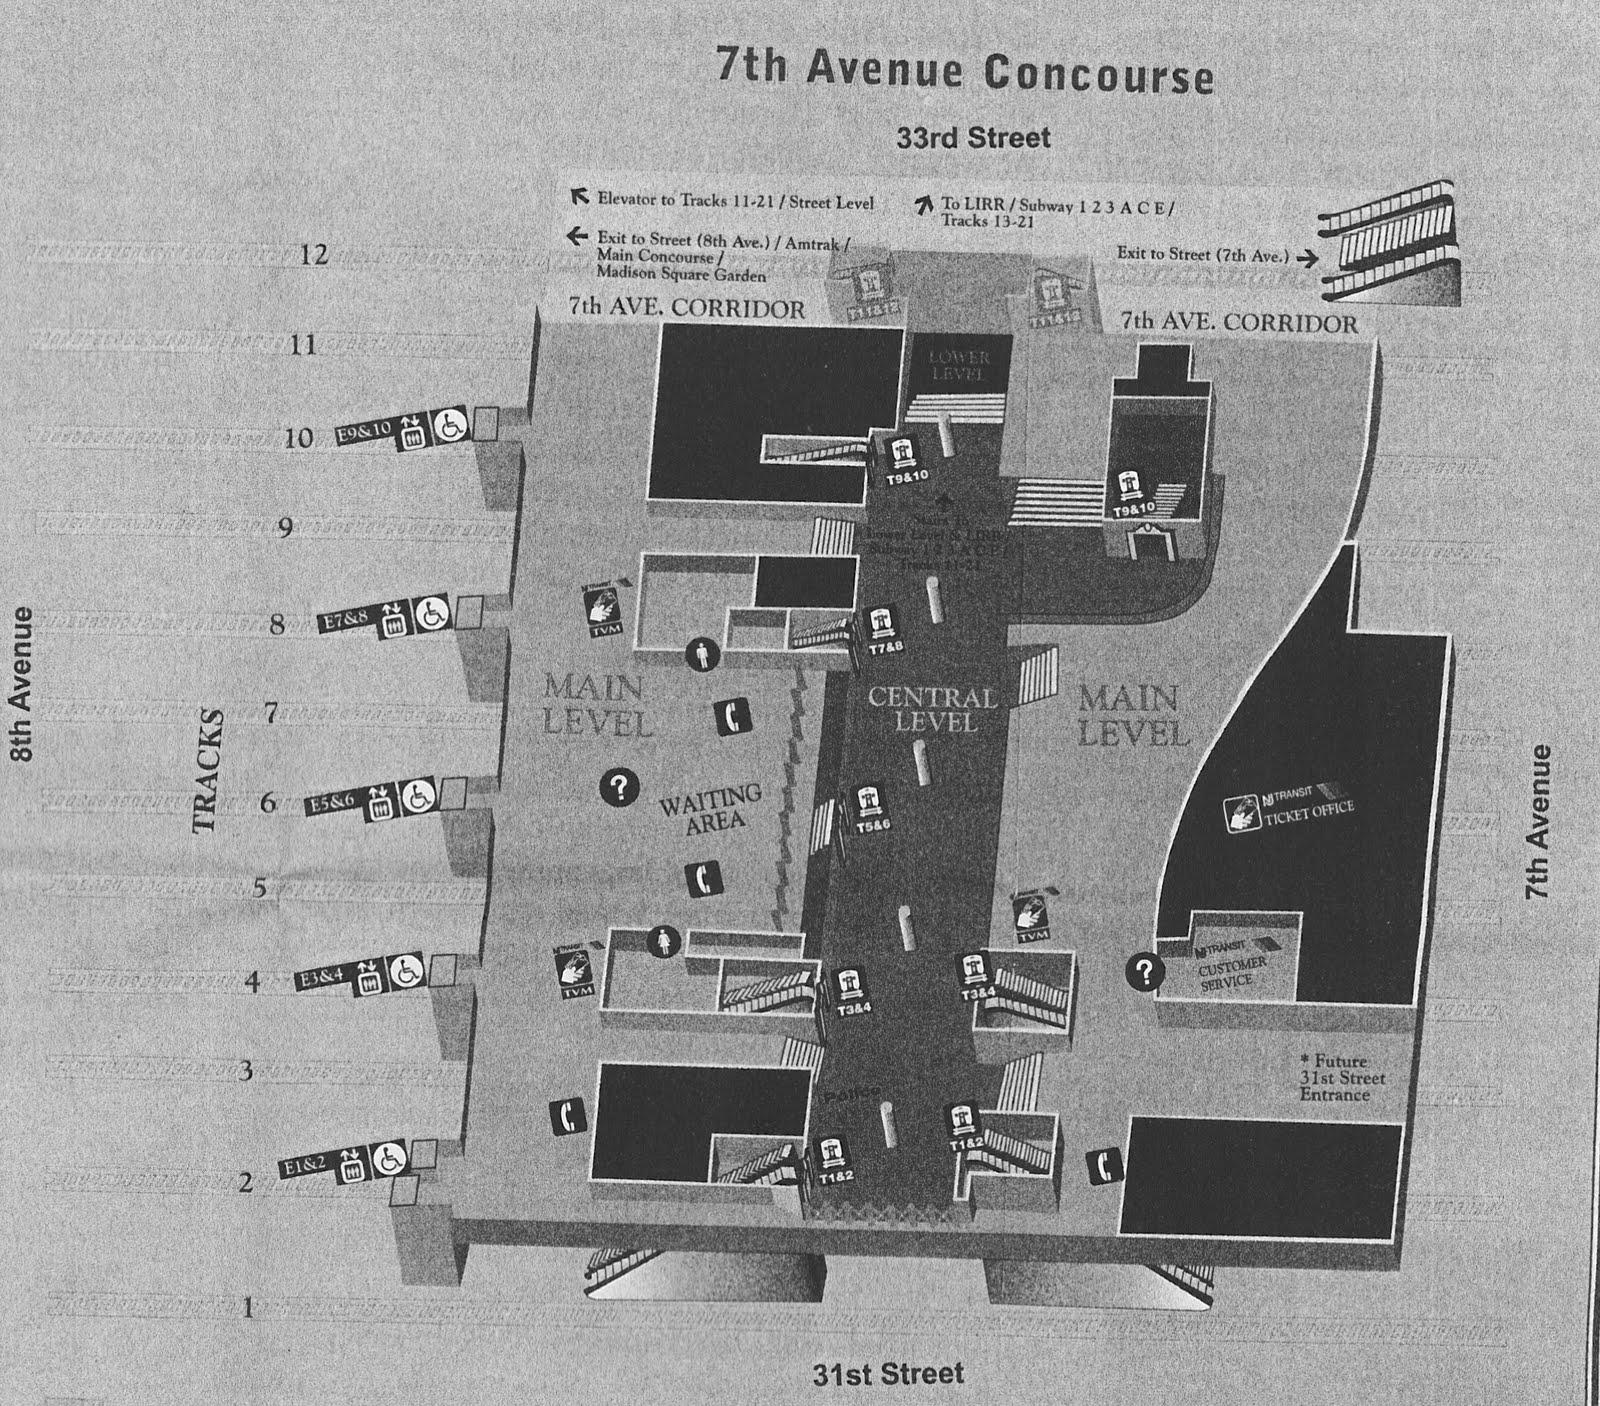 Penn Station Nyc Map Inside.Newark Penn Station Map Bnhspine Com